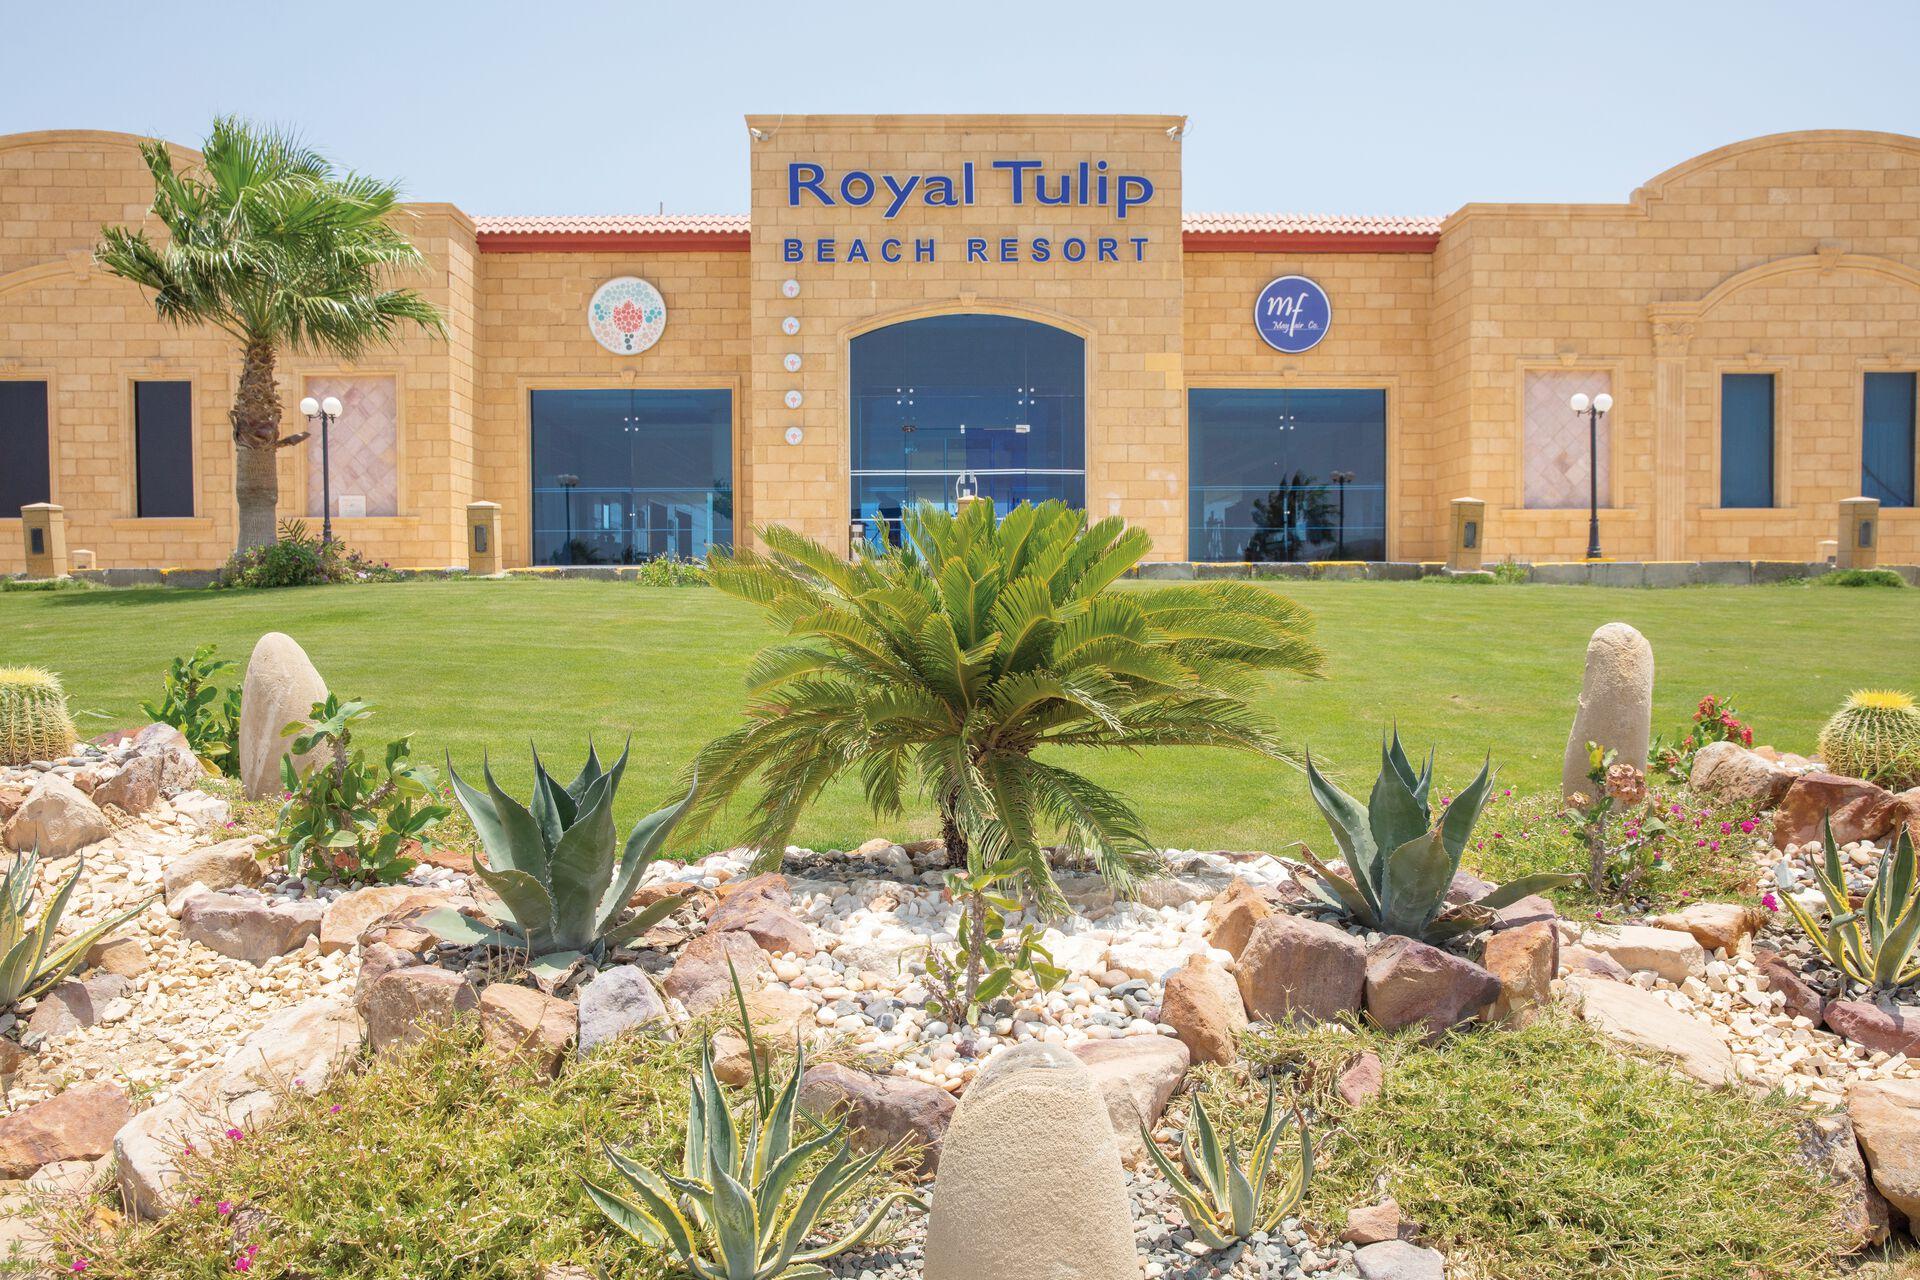 Herzlich Willkommen in Ihrem 5* Hotel Royal Tulip Beach Resort